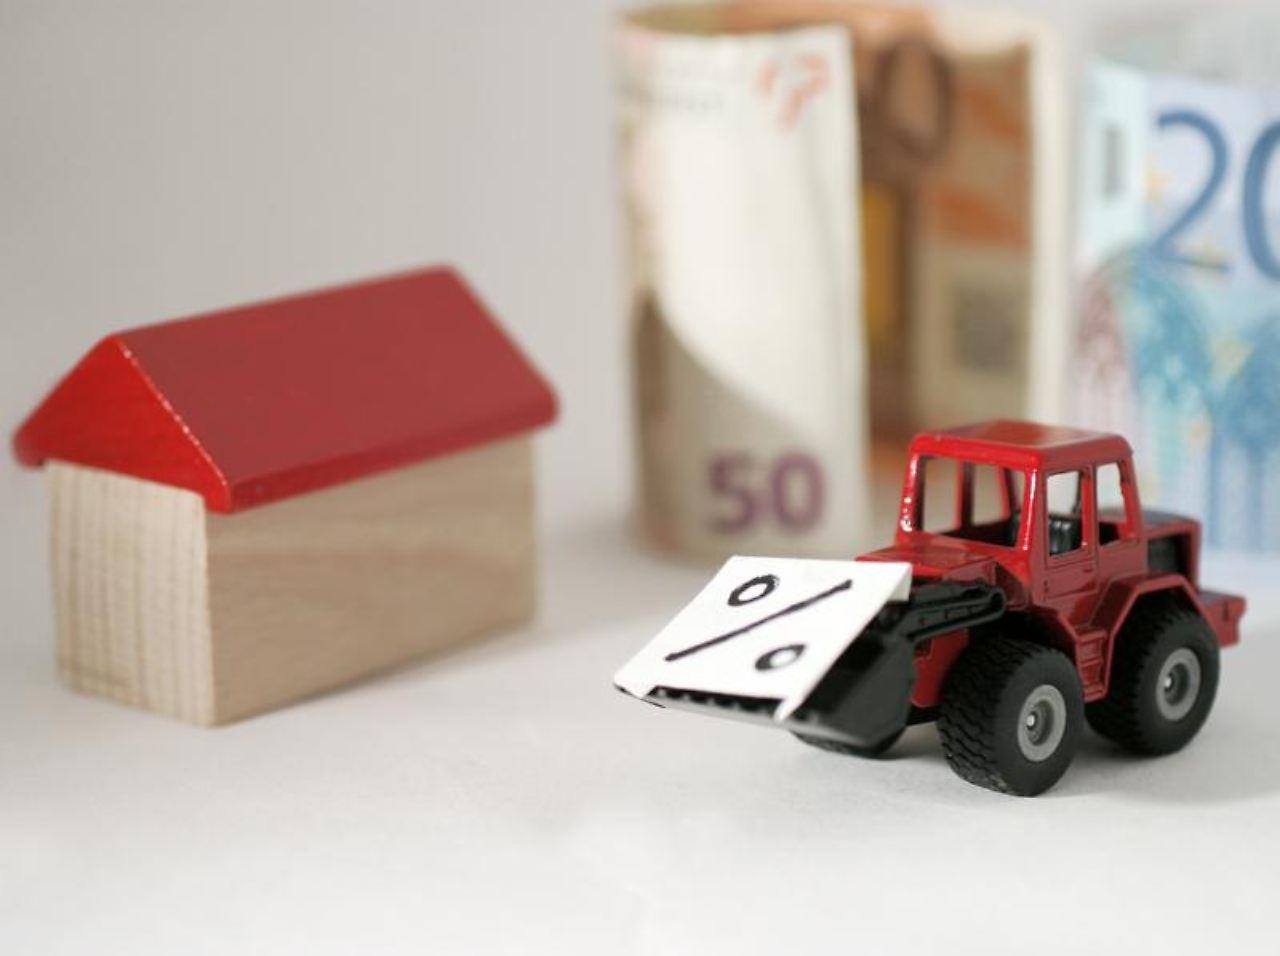 immobilienkauf fast ohne eigenkapital verbrauchersch tzer. Black Bedroom Furniture Sets. Home Design Ideas